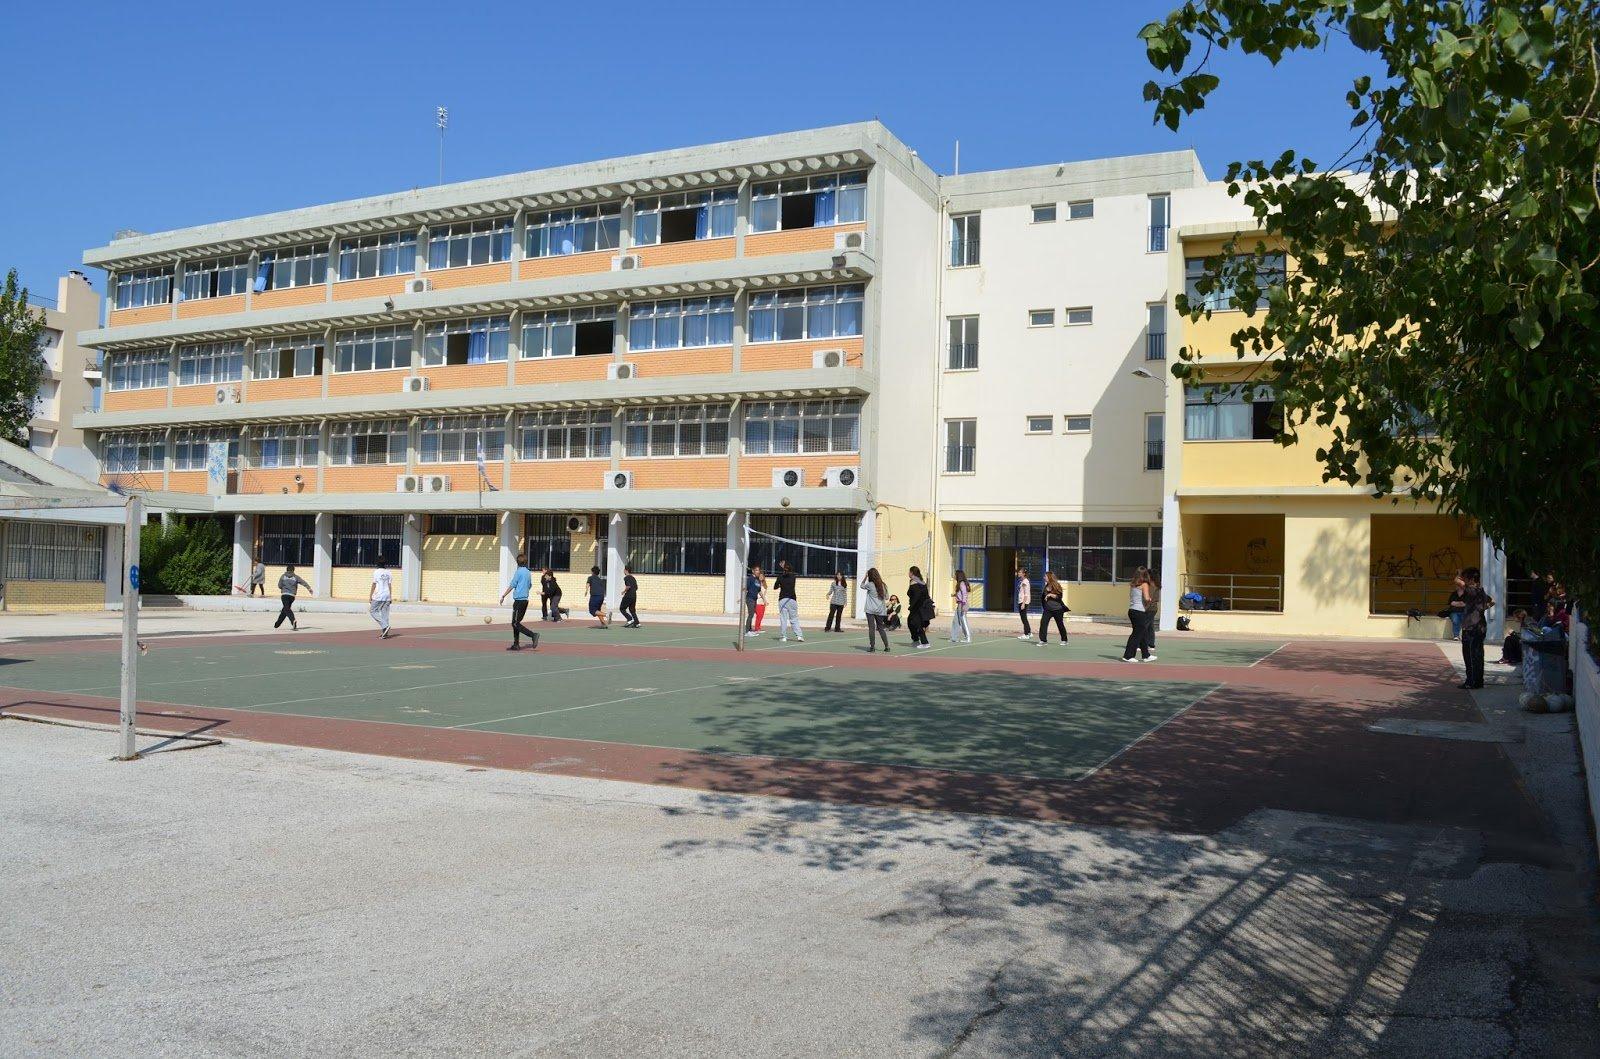 Καταδικάστηκε αντιδήμαρχος για τραυματισμό μαθήτριας σε σχολείο